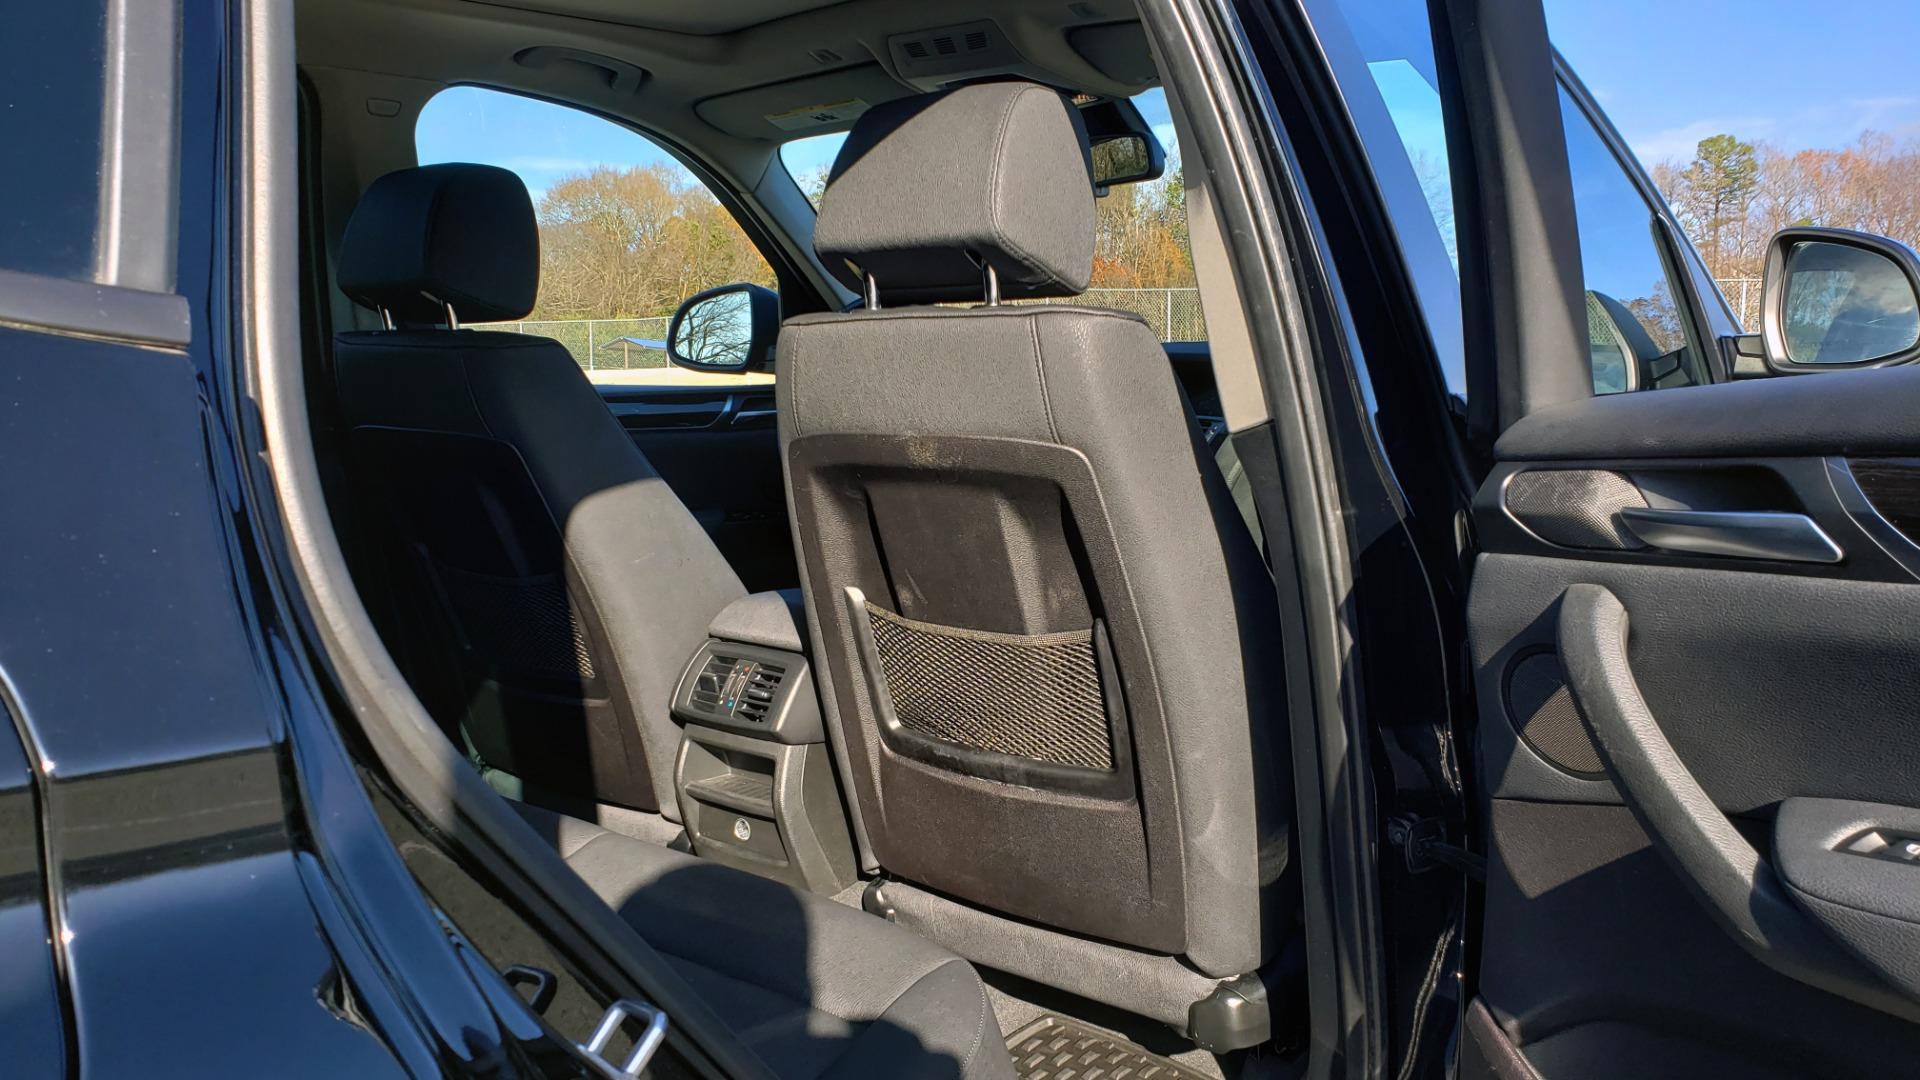 Used 2017 BMW X3 XDRIVE28I / PREM PKG / NAV / DRVR ASST / HTD STS / CAMERAS for sale Sold at Formula Imports in Charlotte NC 28227 86